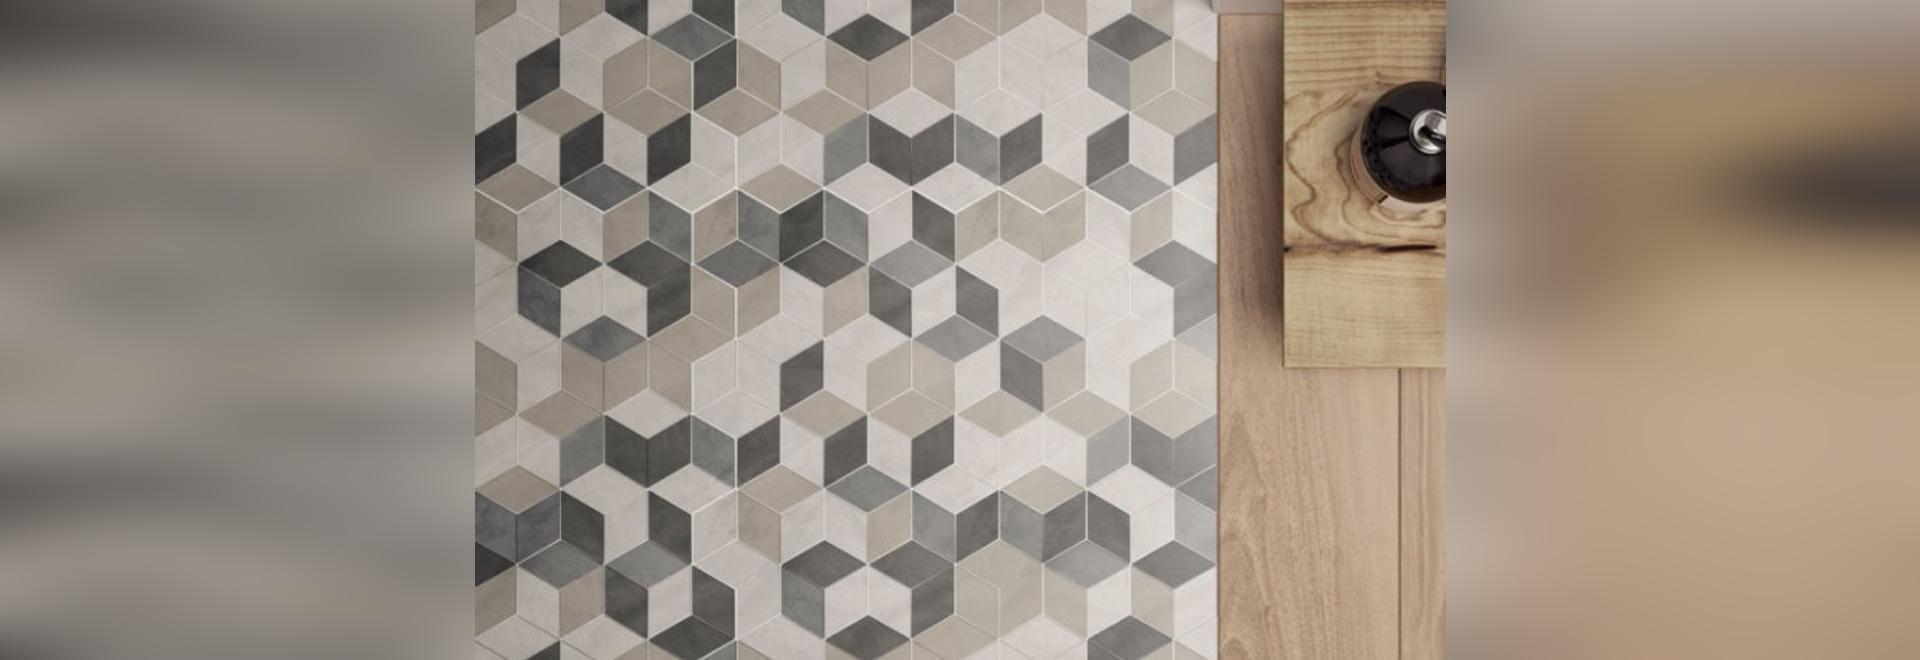 NEW: indoor tile by CERAMICHE MARCA CORONA - CERAMICHE MARCA CORONA